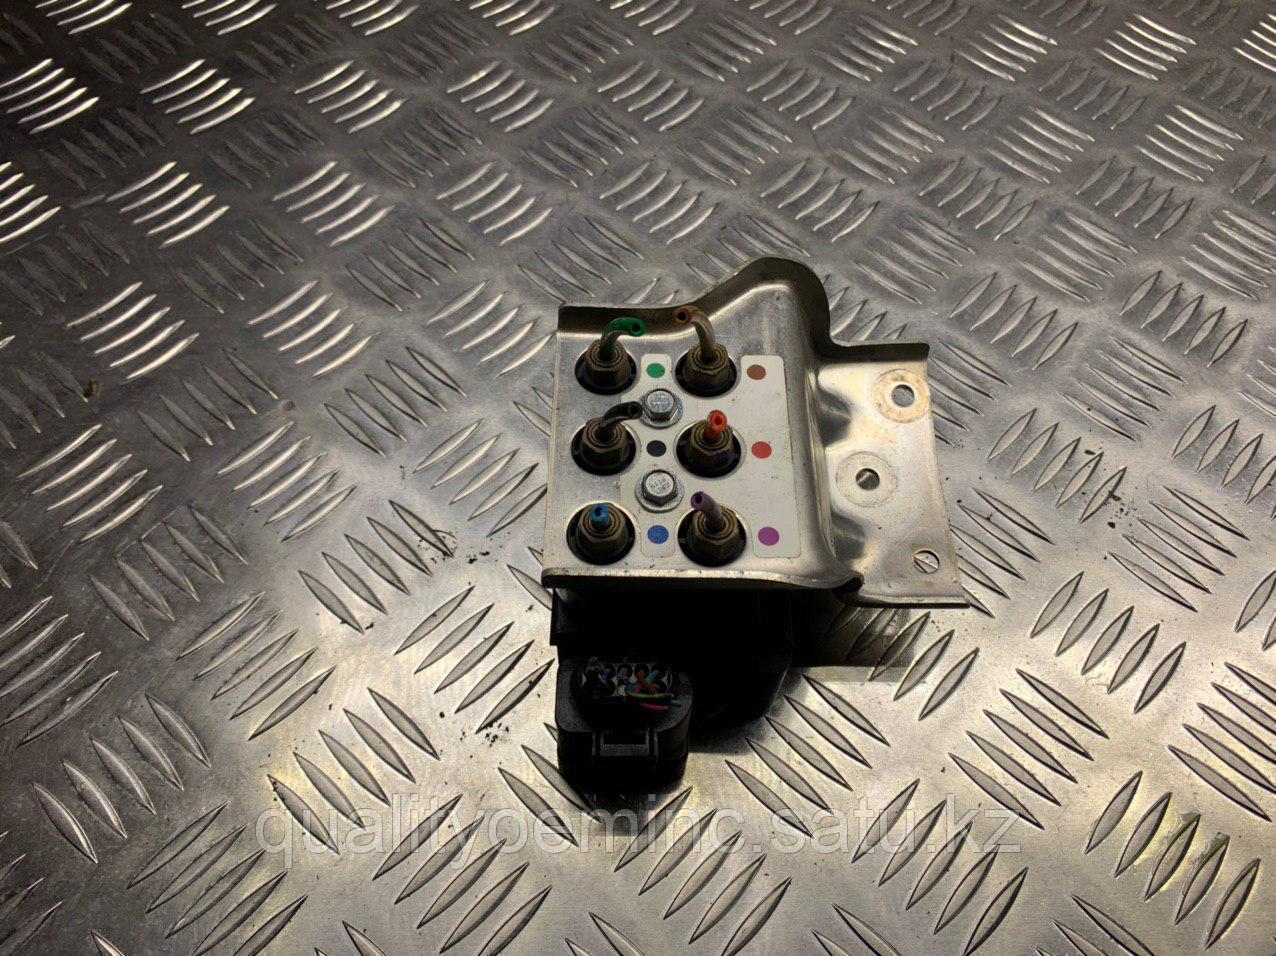 Блок клапанов пневмоподвески на Audi A8 D3/4E [2-й рестайлинг]